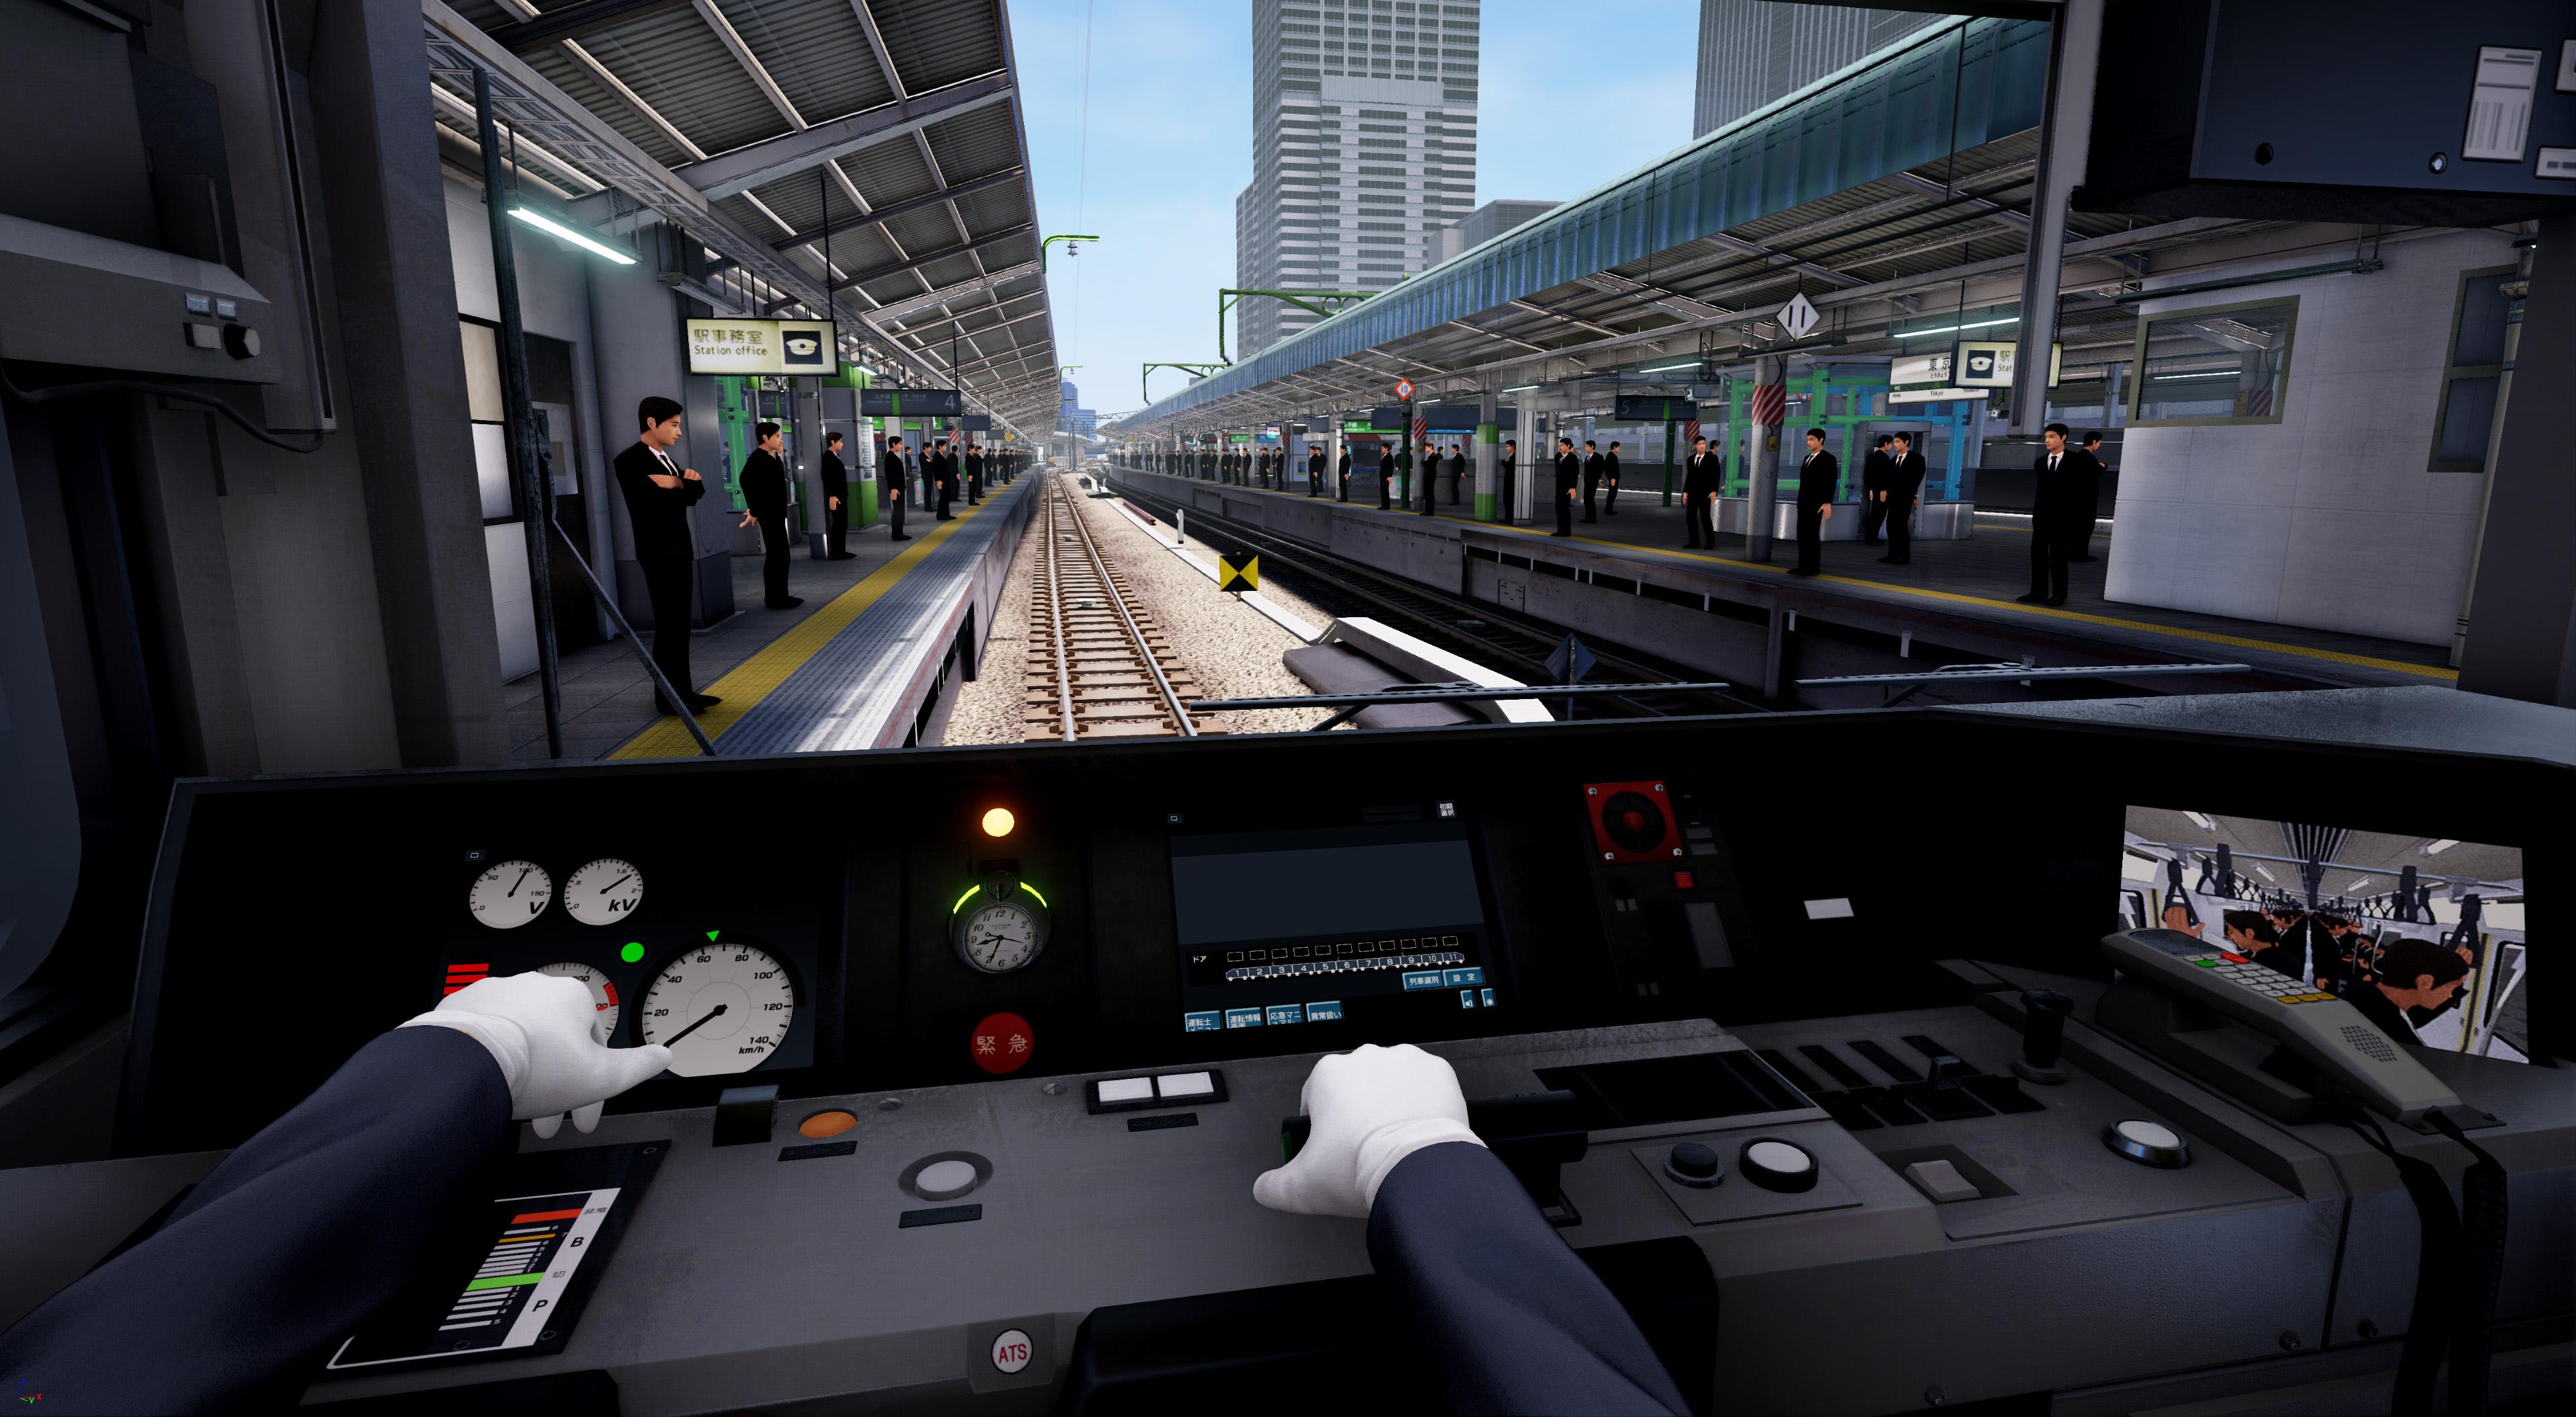 実車同様の装置を使って電車を運転。専用の可動チェアのおかで、加速や減速時のGも感じられる